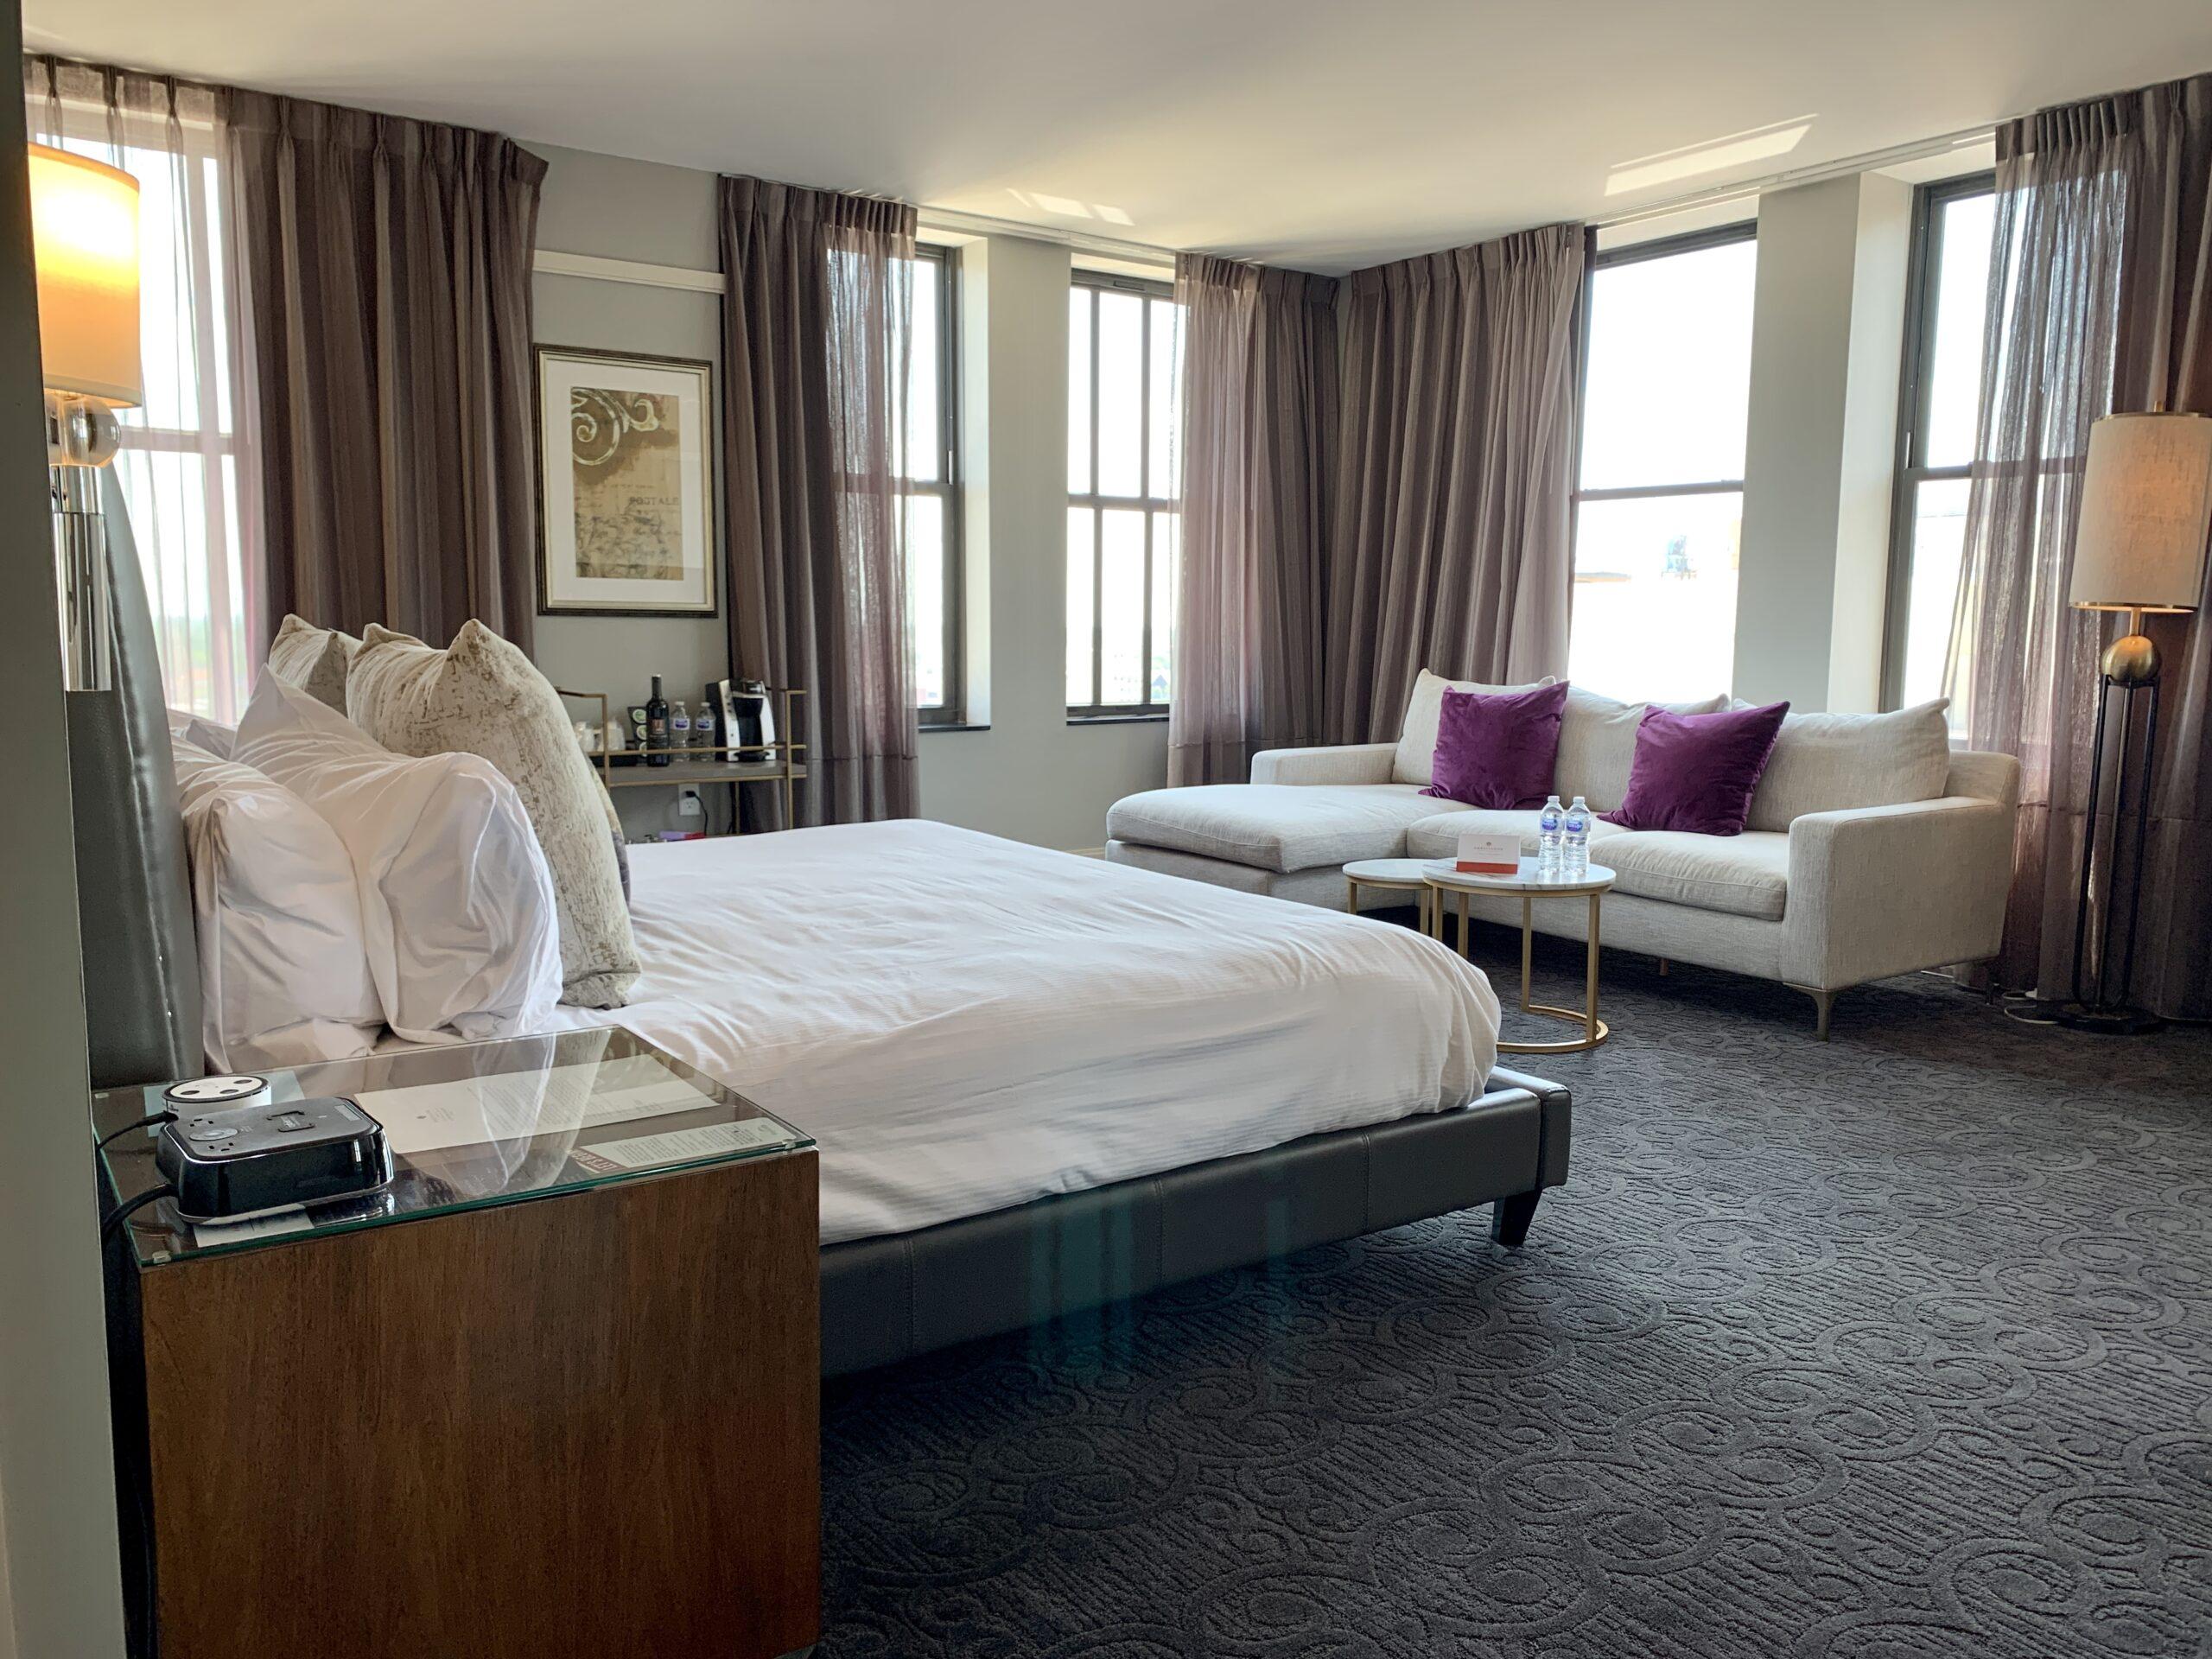 Premium Corner King hotel room